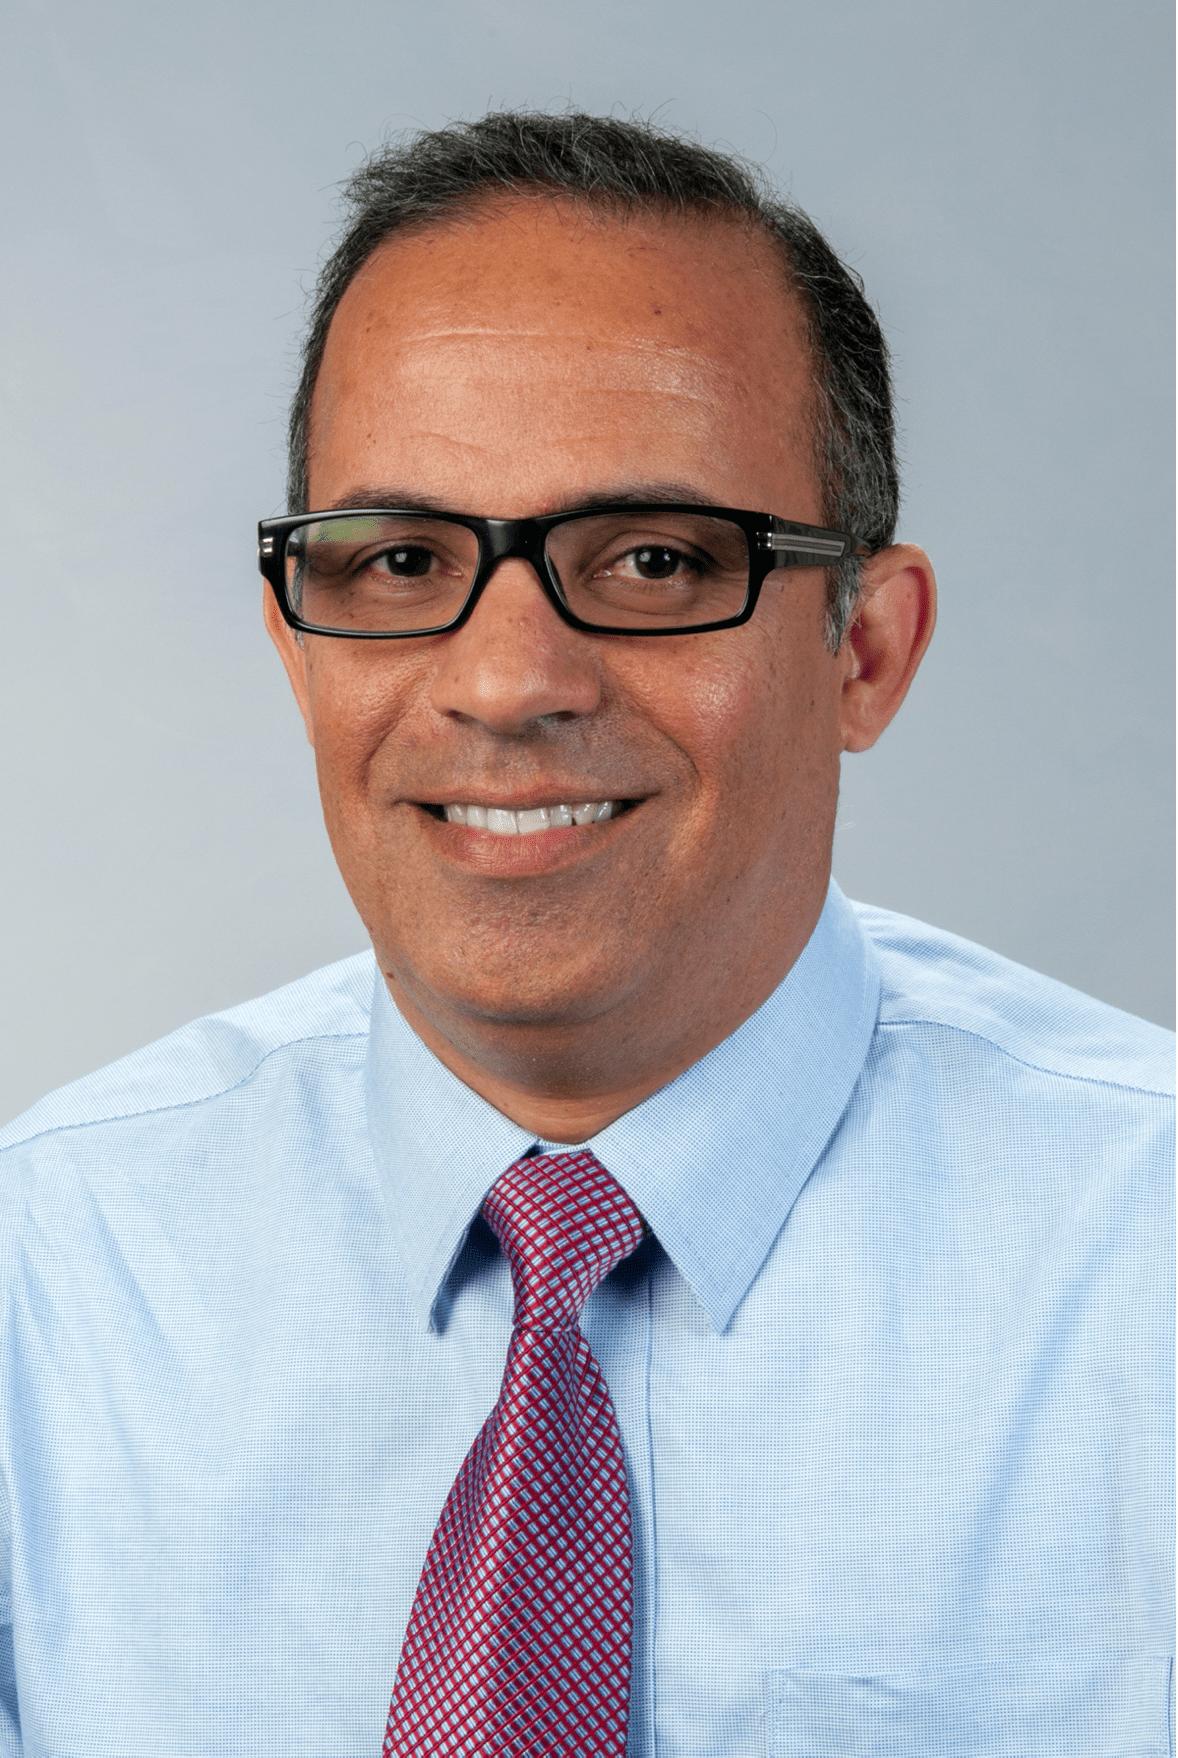 Nabil Matmati, Ph.D.